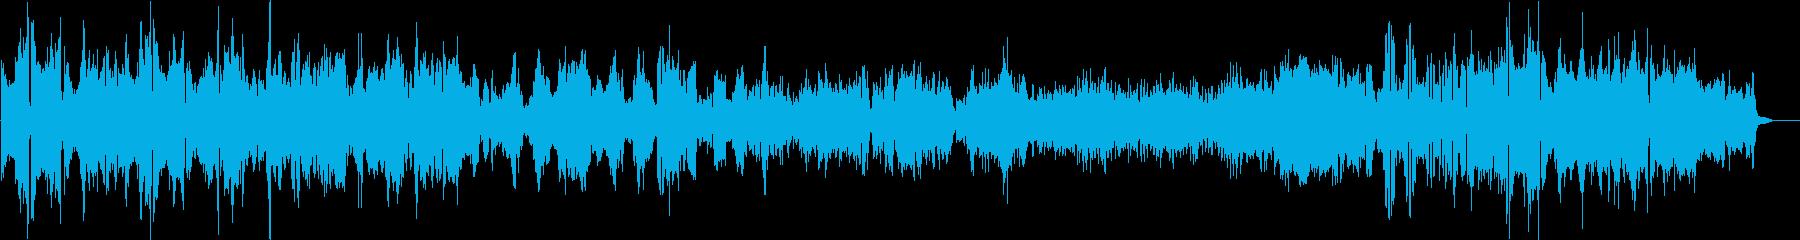 バッハ/シャコンヌ/バイオリン/生演奏の再生済みの波形